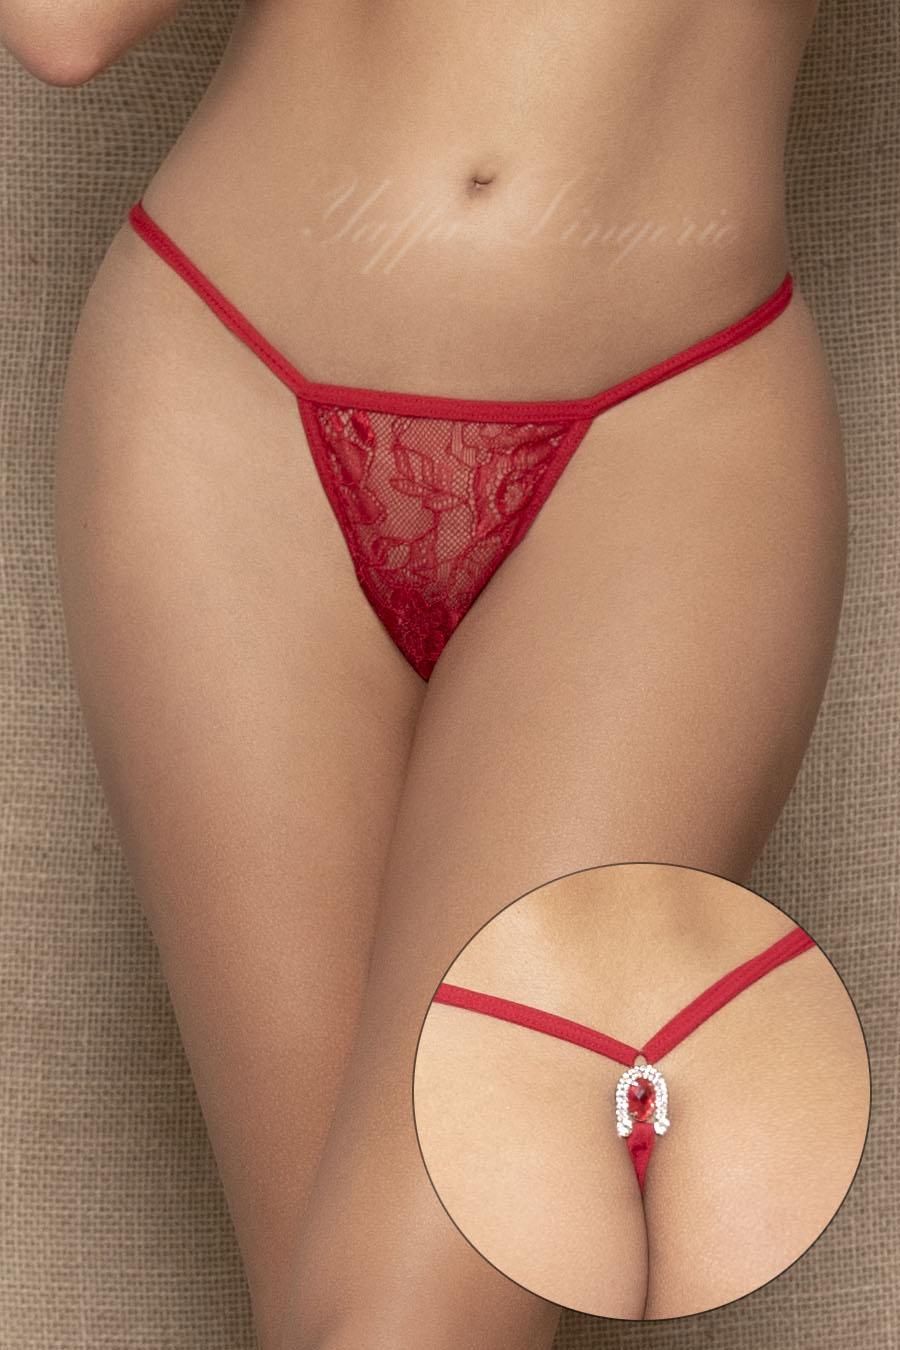 Calcinha fio dental vermelha com strass e jóia atrás - Yaffa